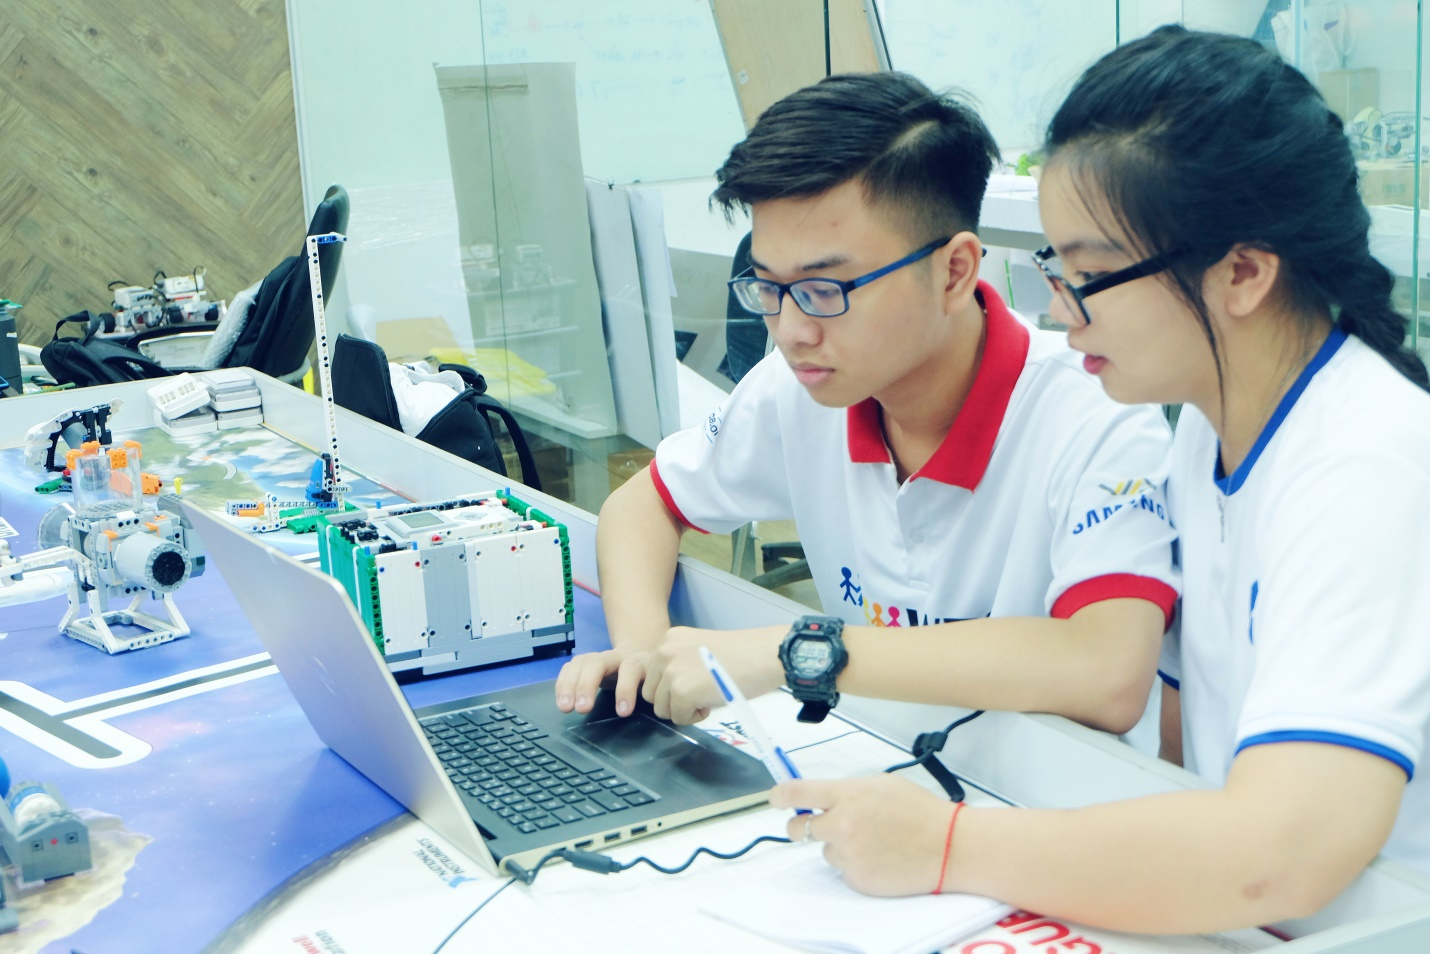 Gen Z và công nghệ: Những người trẻ này đang học đại học như thế nào? - Ảnh 3.